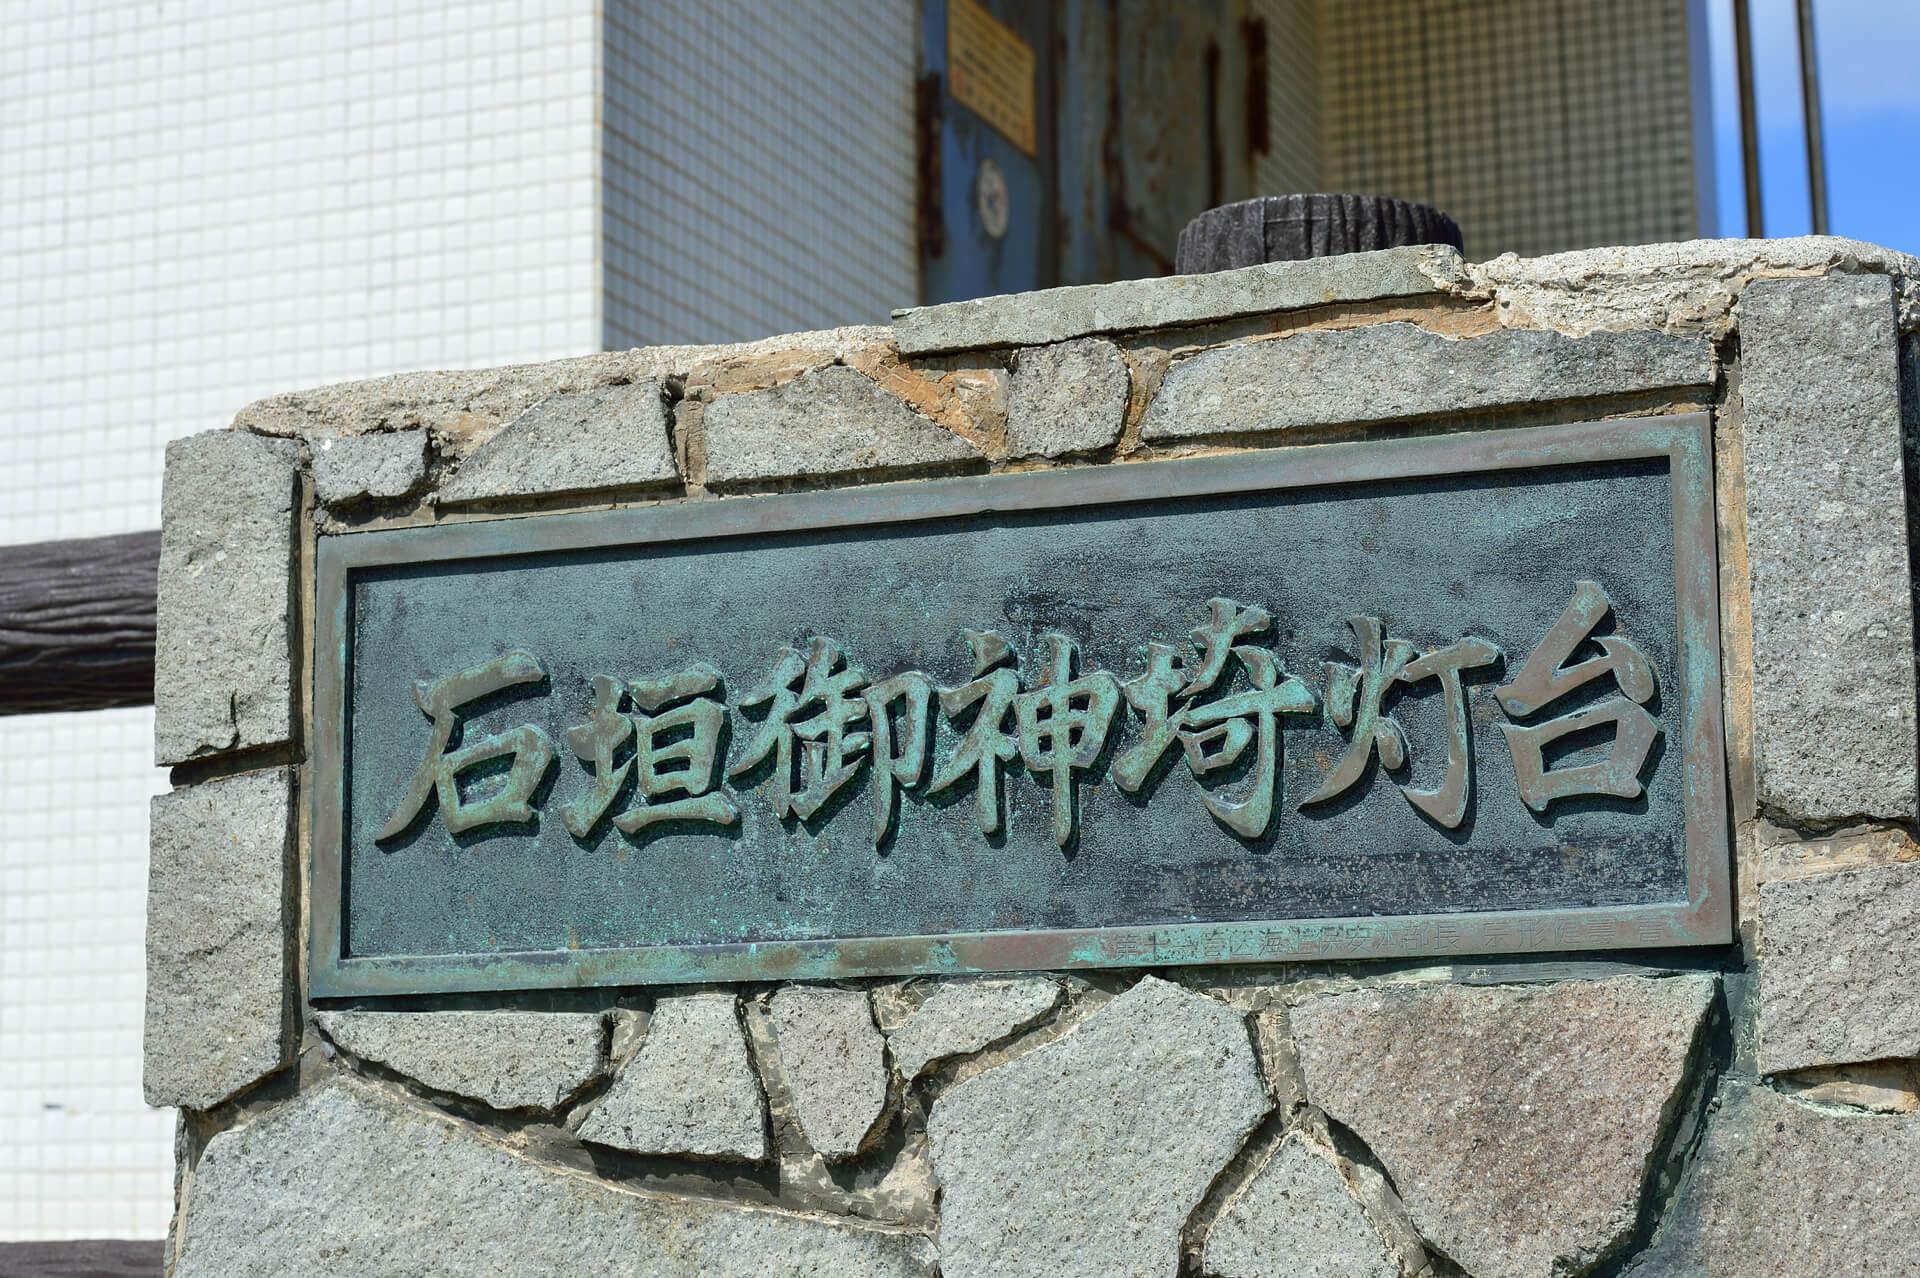 御神崎灯台、石垣島